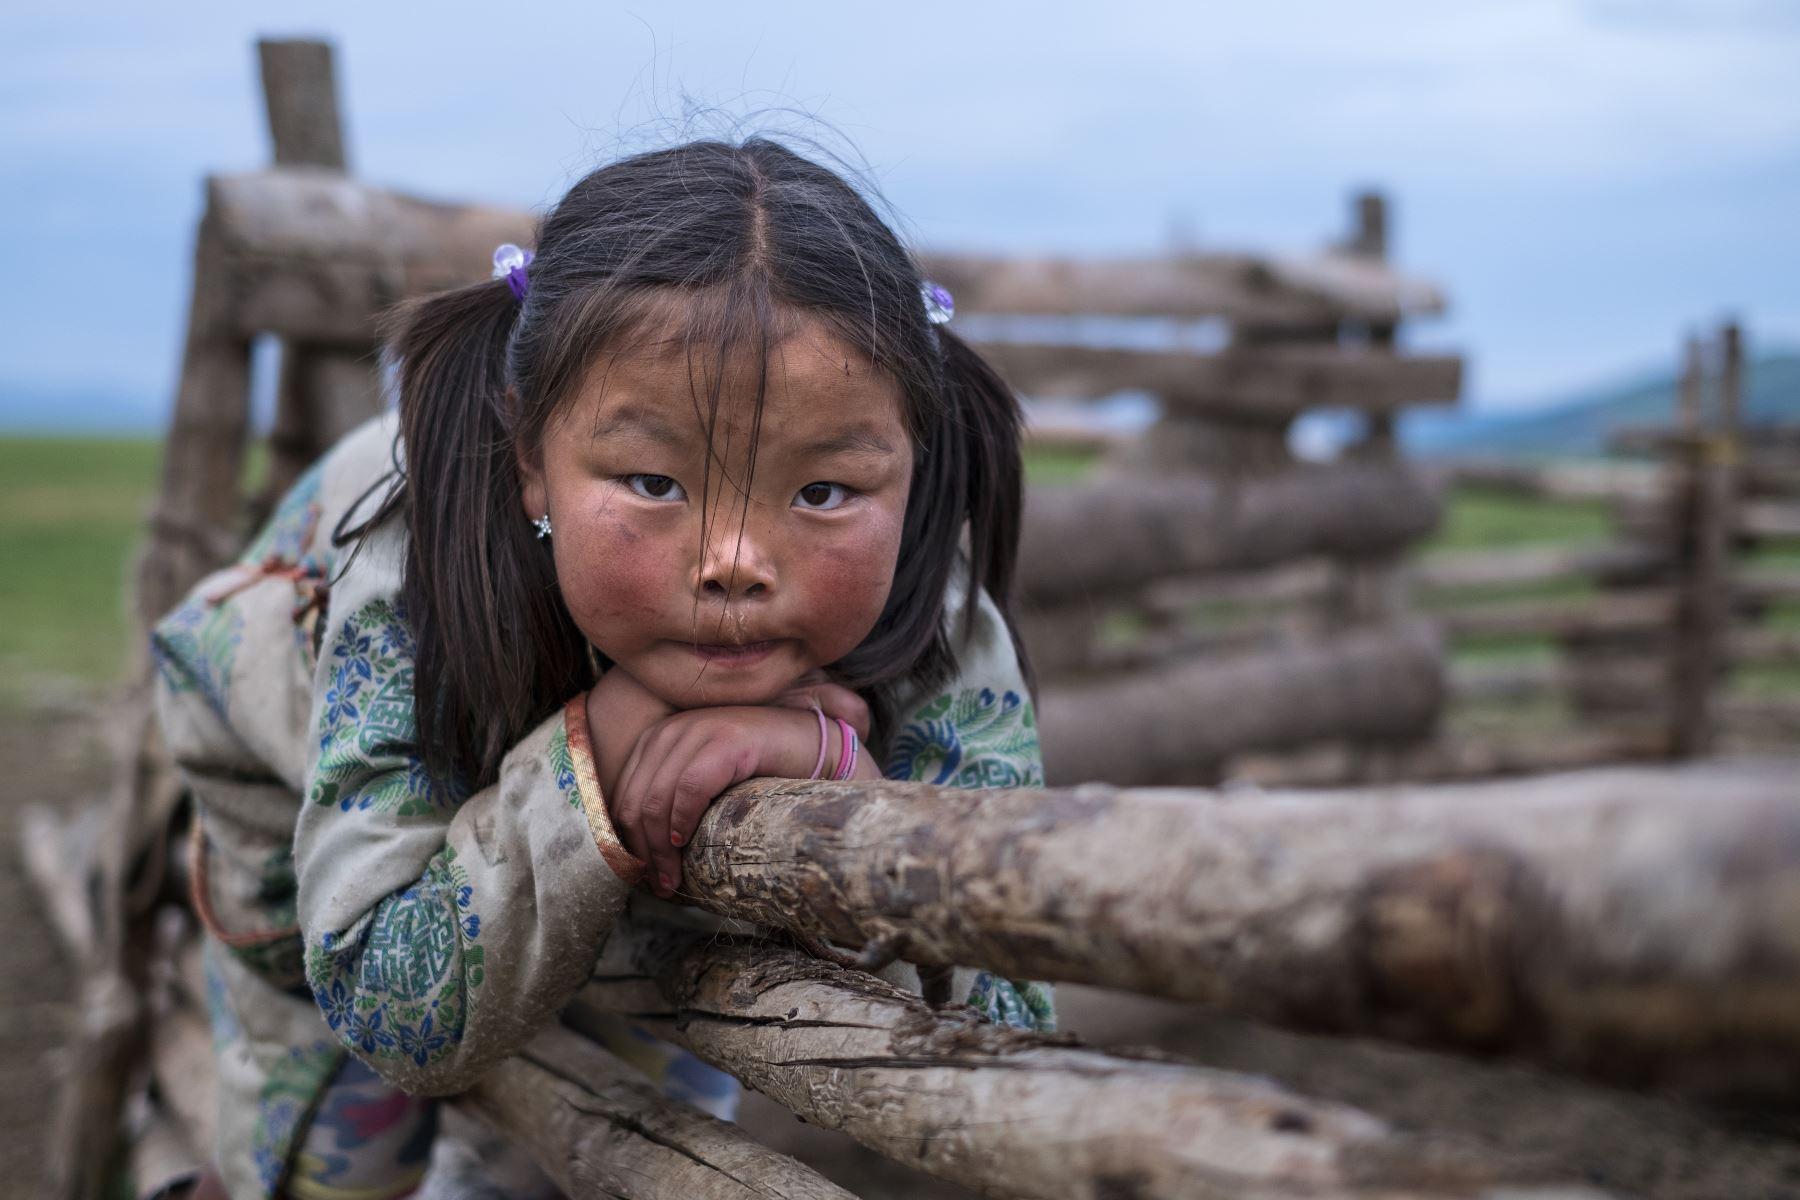 Mongolia tiene un récord extraordinario: desde que empezó la pandemia, no ha registrado ni un solo caso de transmisión local de covid-19 y ninguna muerte atribuida a esta enfermedad. Foto: AFP